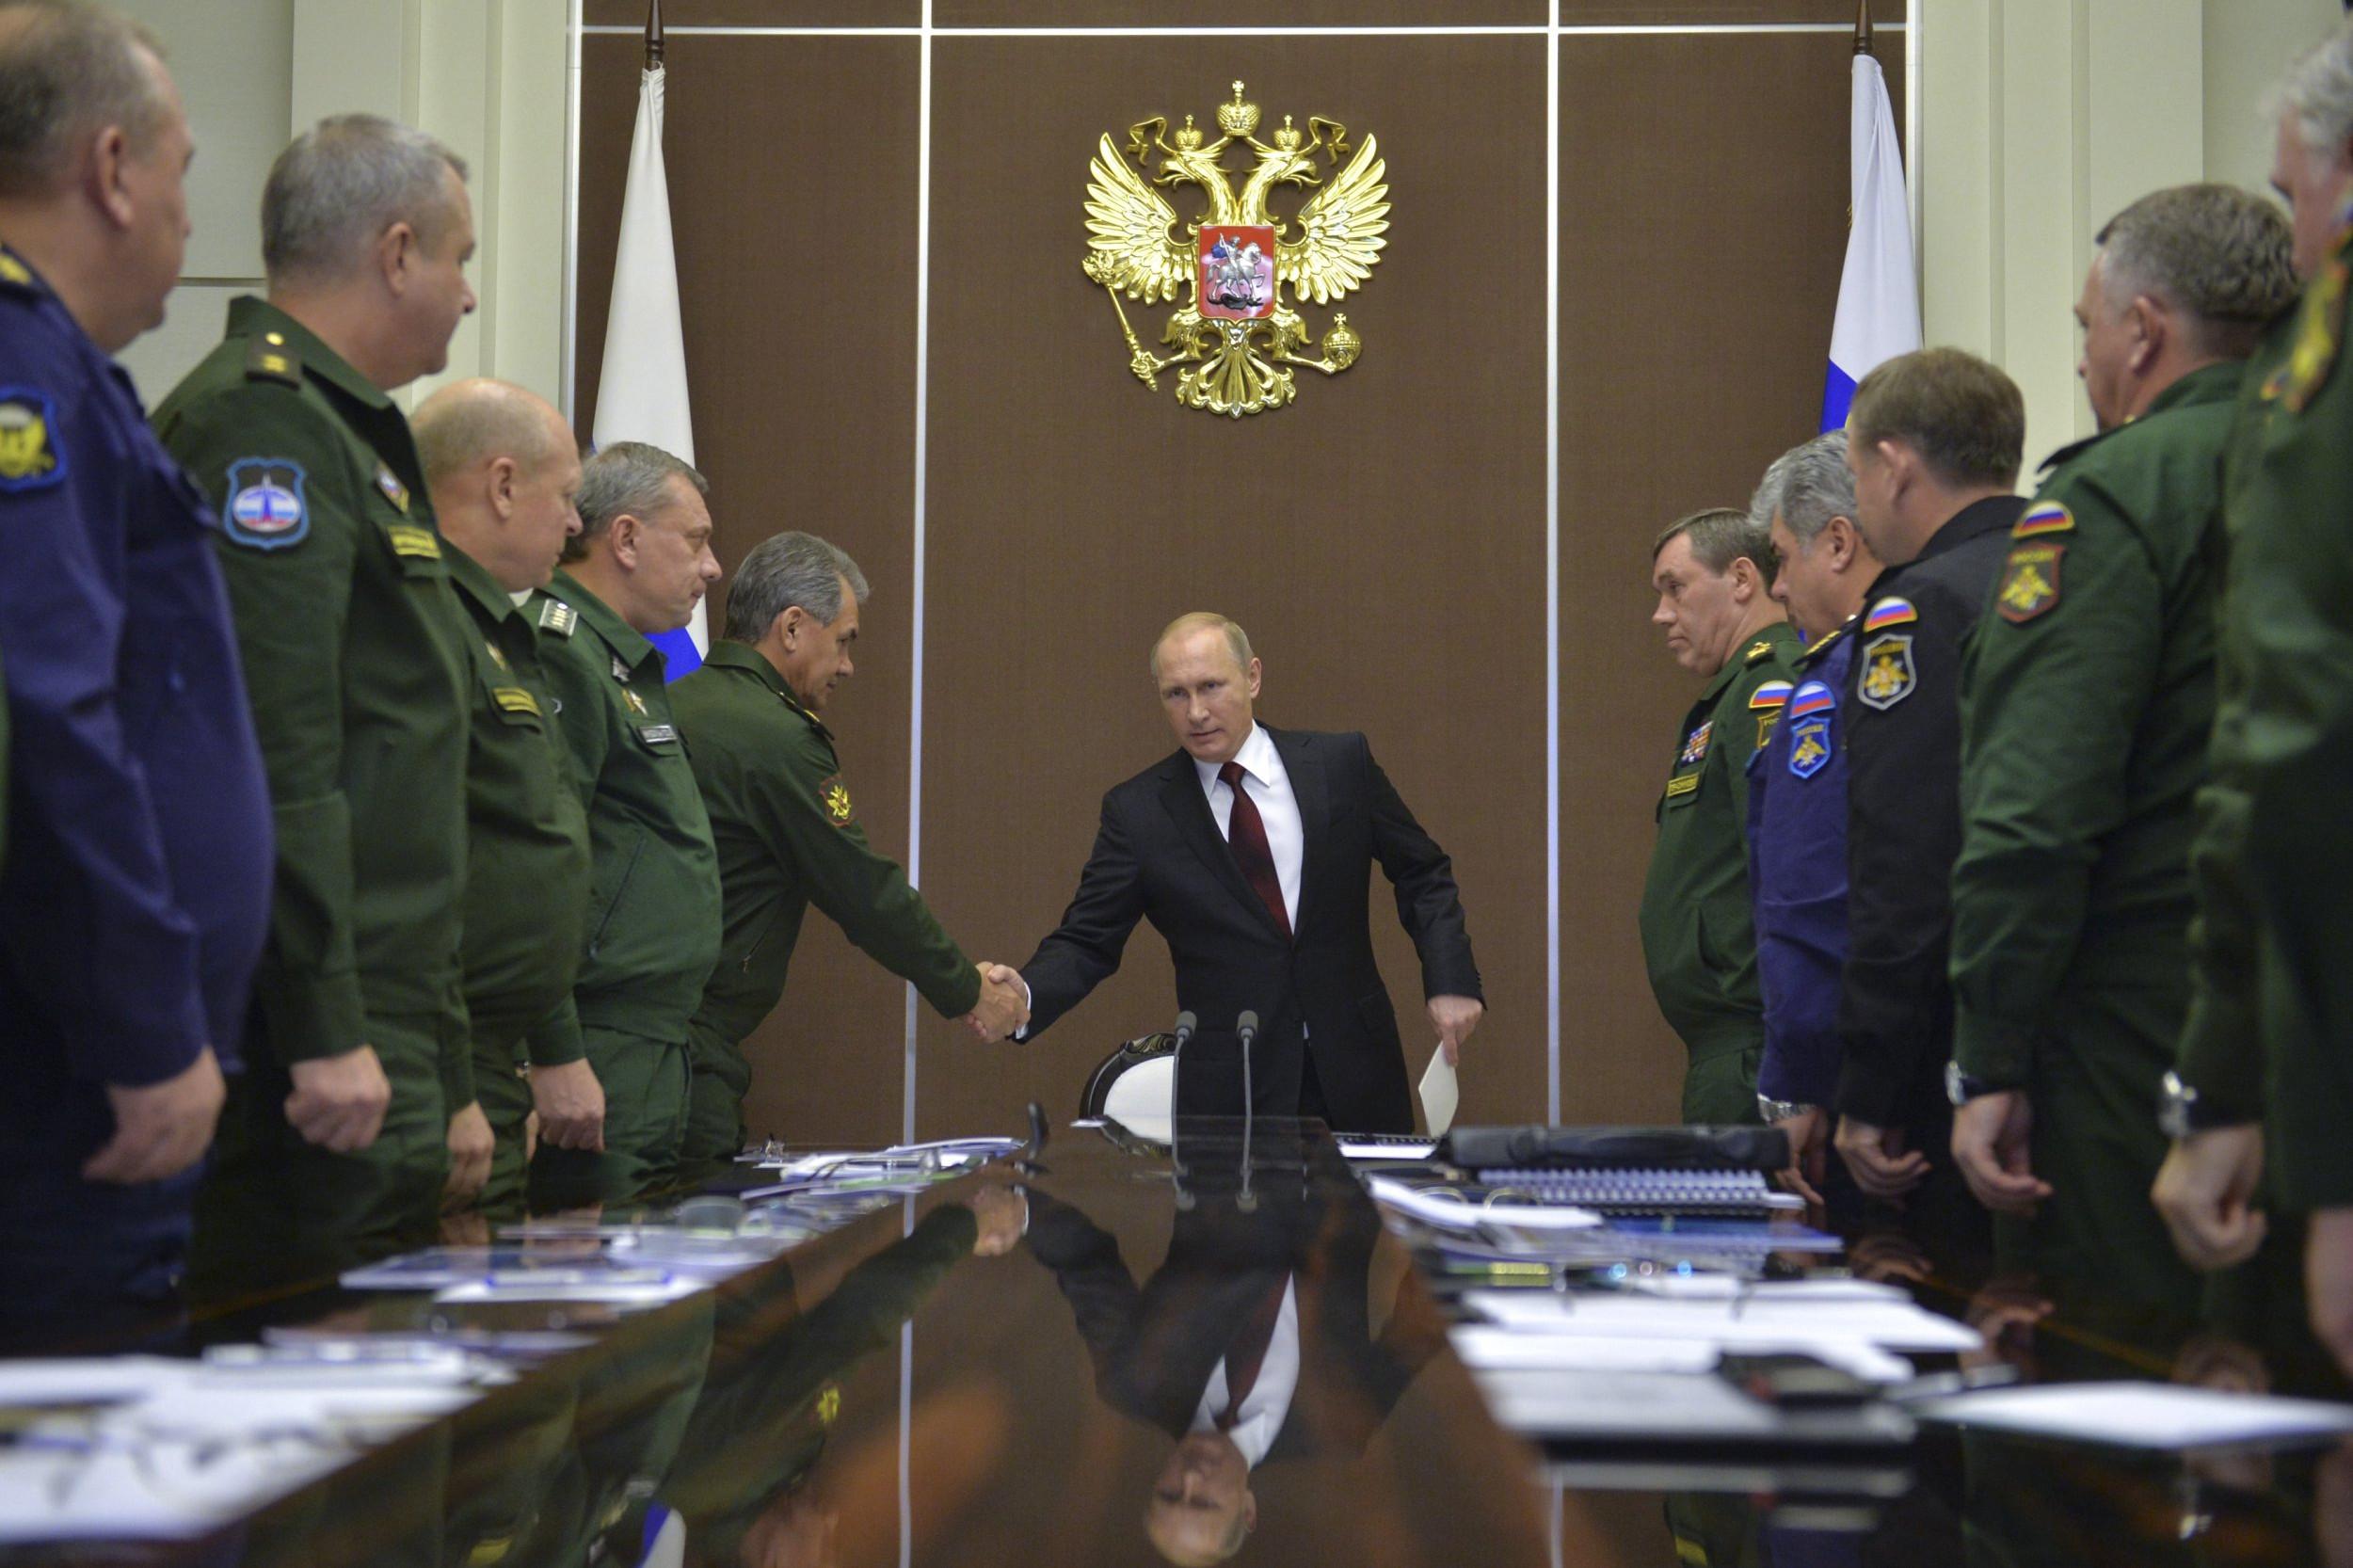 Председник Русије Владимир Путин се рукује са министром одбране Сергејем Шојгуом током састанка са представницима војске, Сочи, 24. новембар 2014. (Фото: Alexei Druzhinin/RIA Novosti/Kremlin/Reuters)